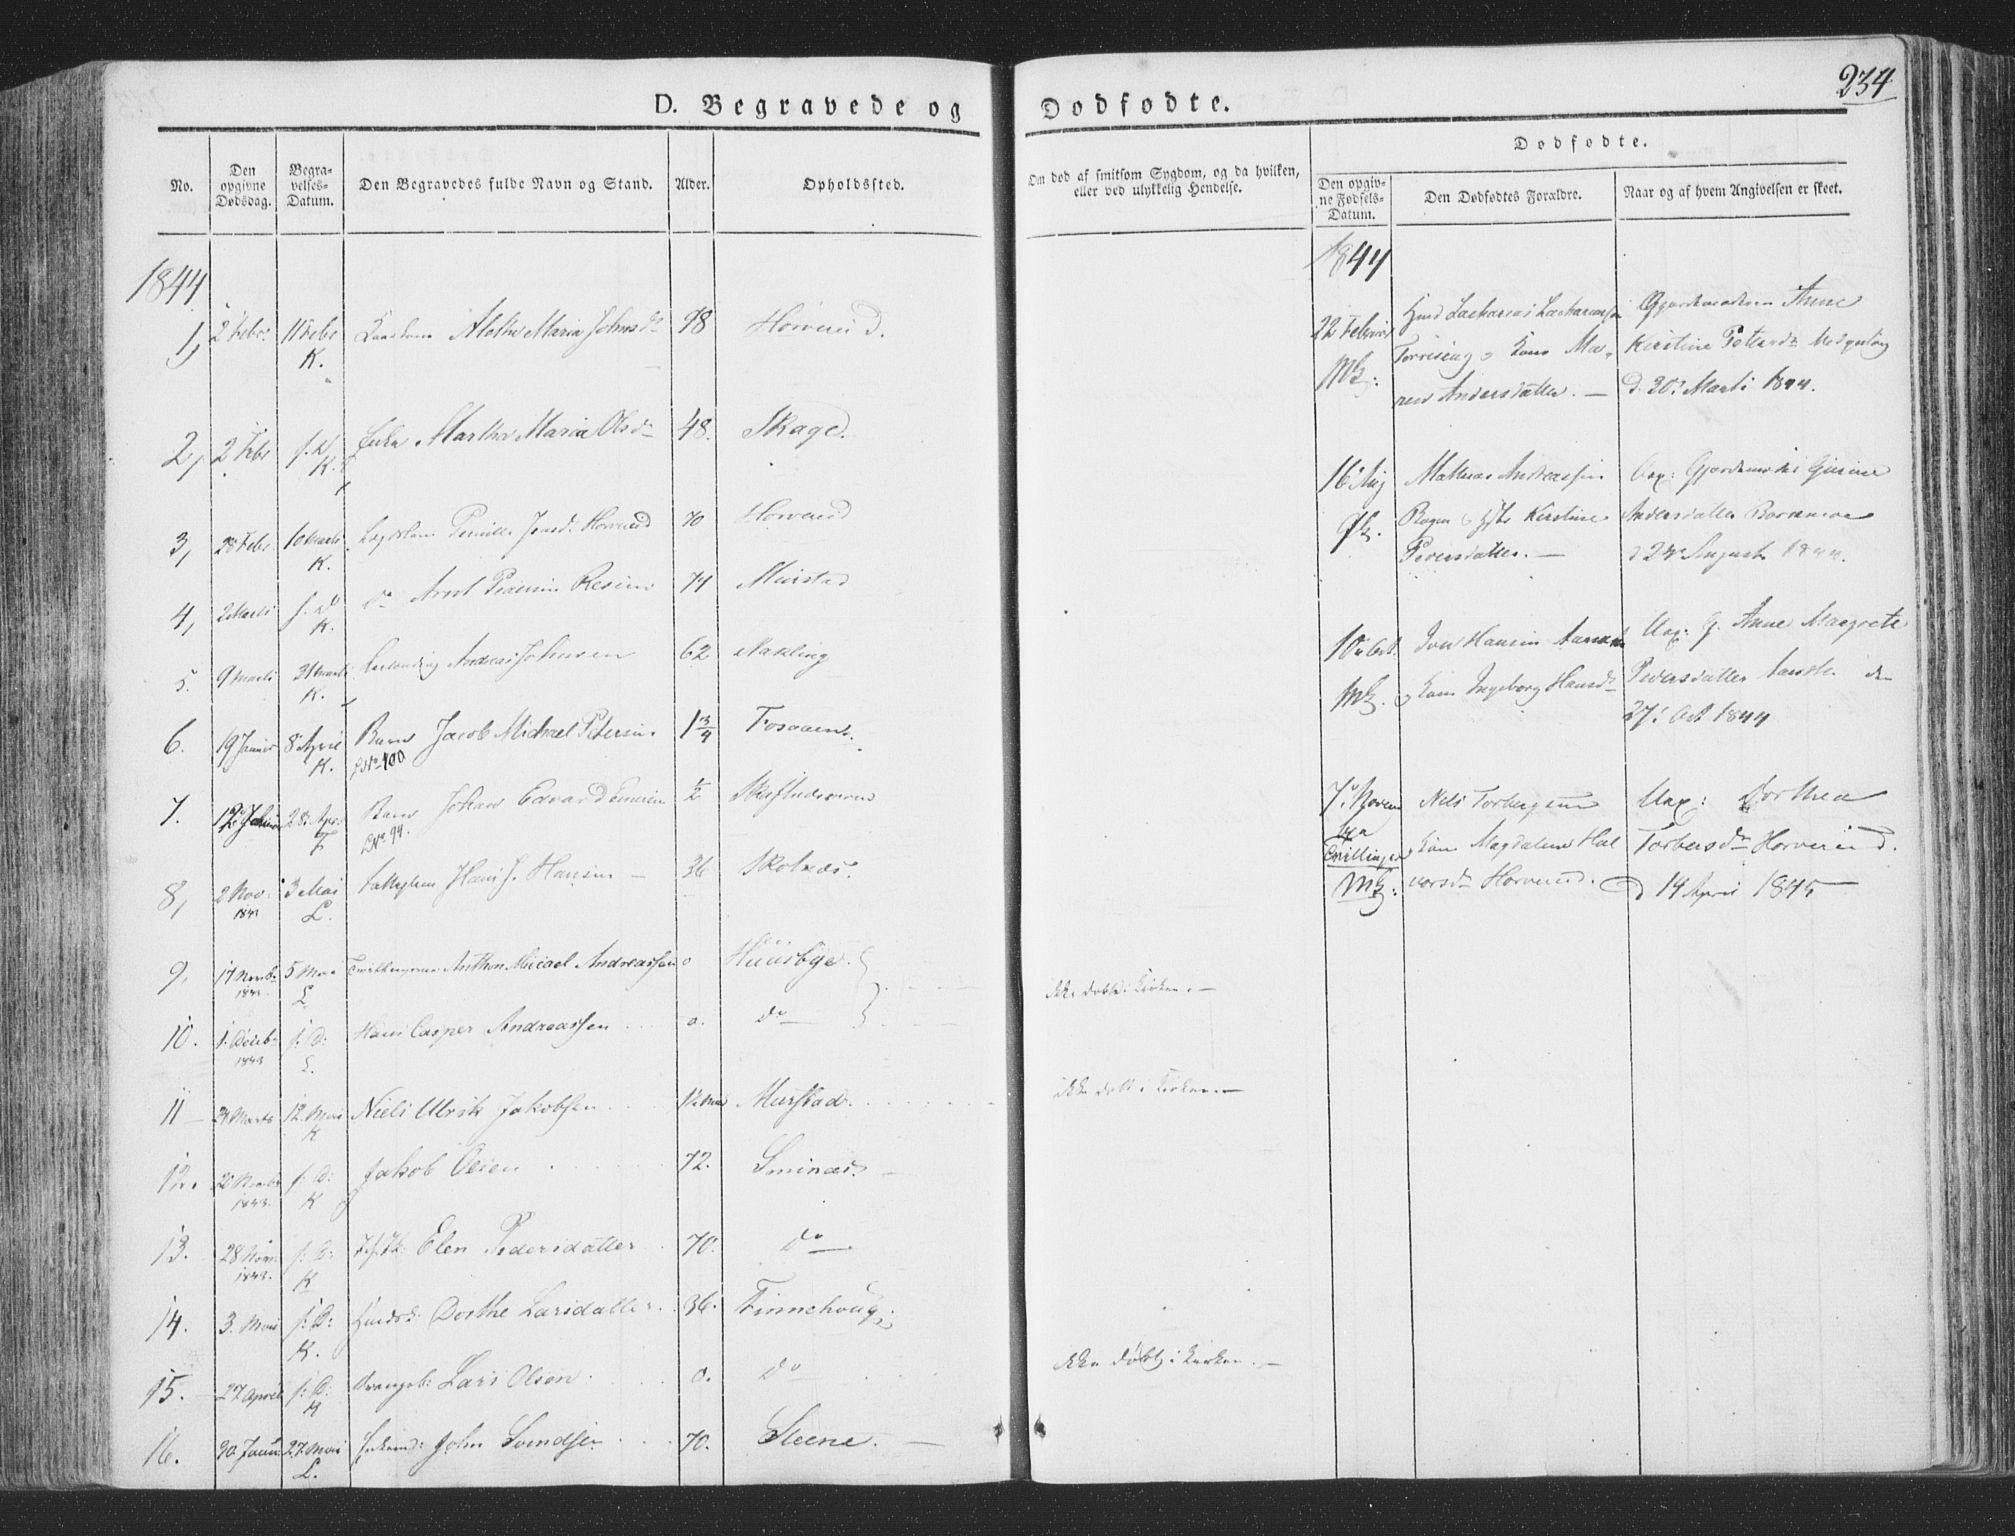 SAT, Ministerialprotokoller, klokkerbøker og fødselsregistre - Nord-Trøndelag, 780/L0639: Ministerialbok nr. 780A04, 1830-1844, s. 234